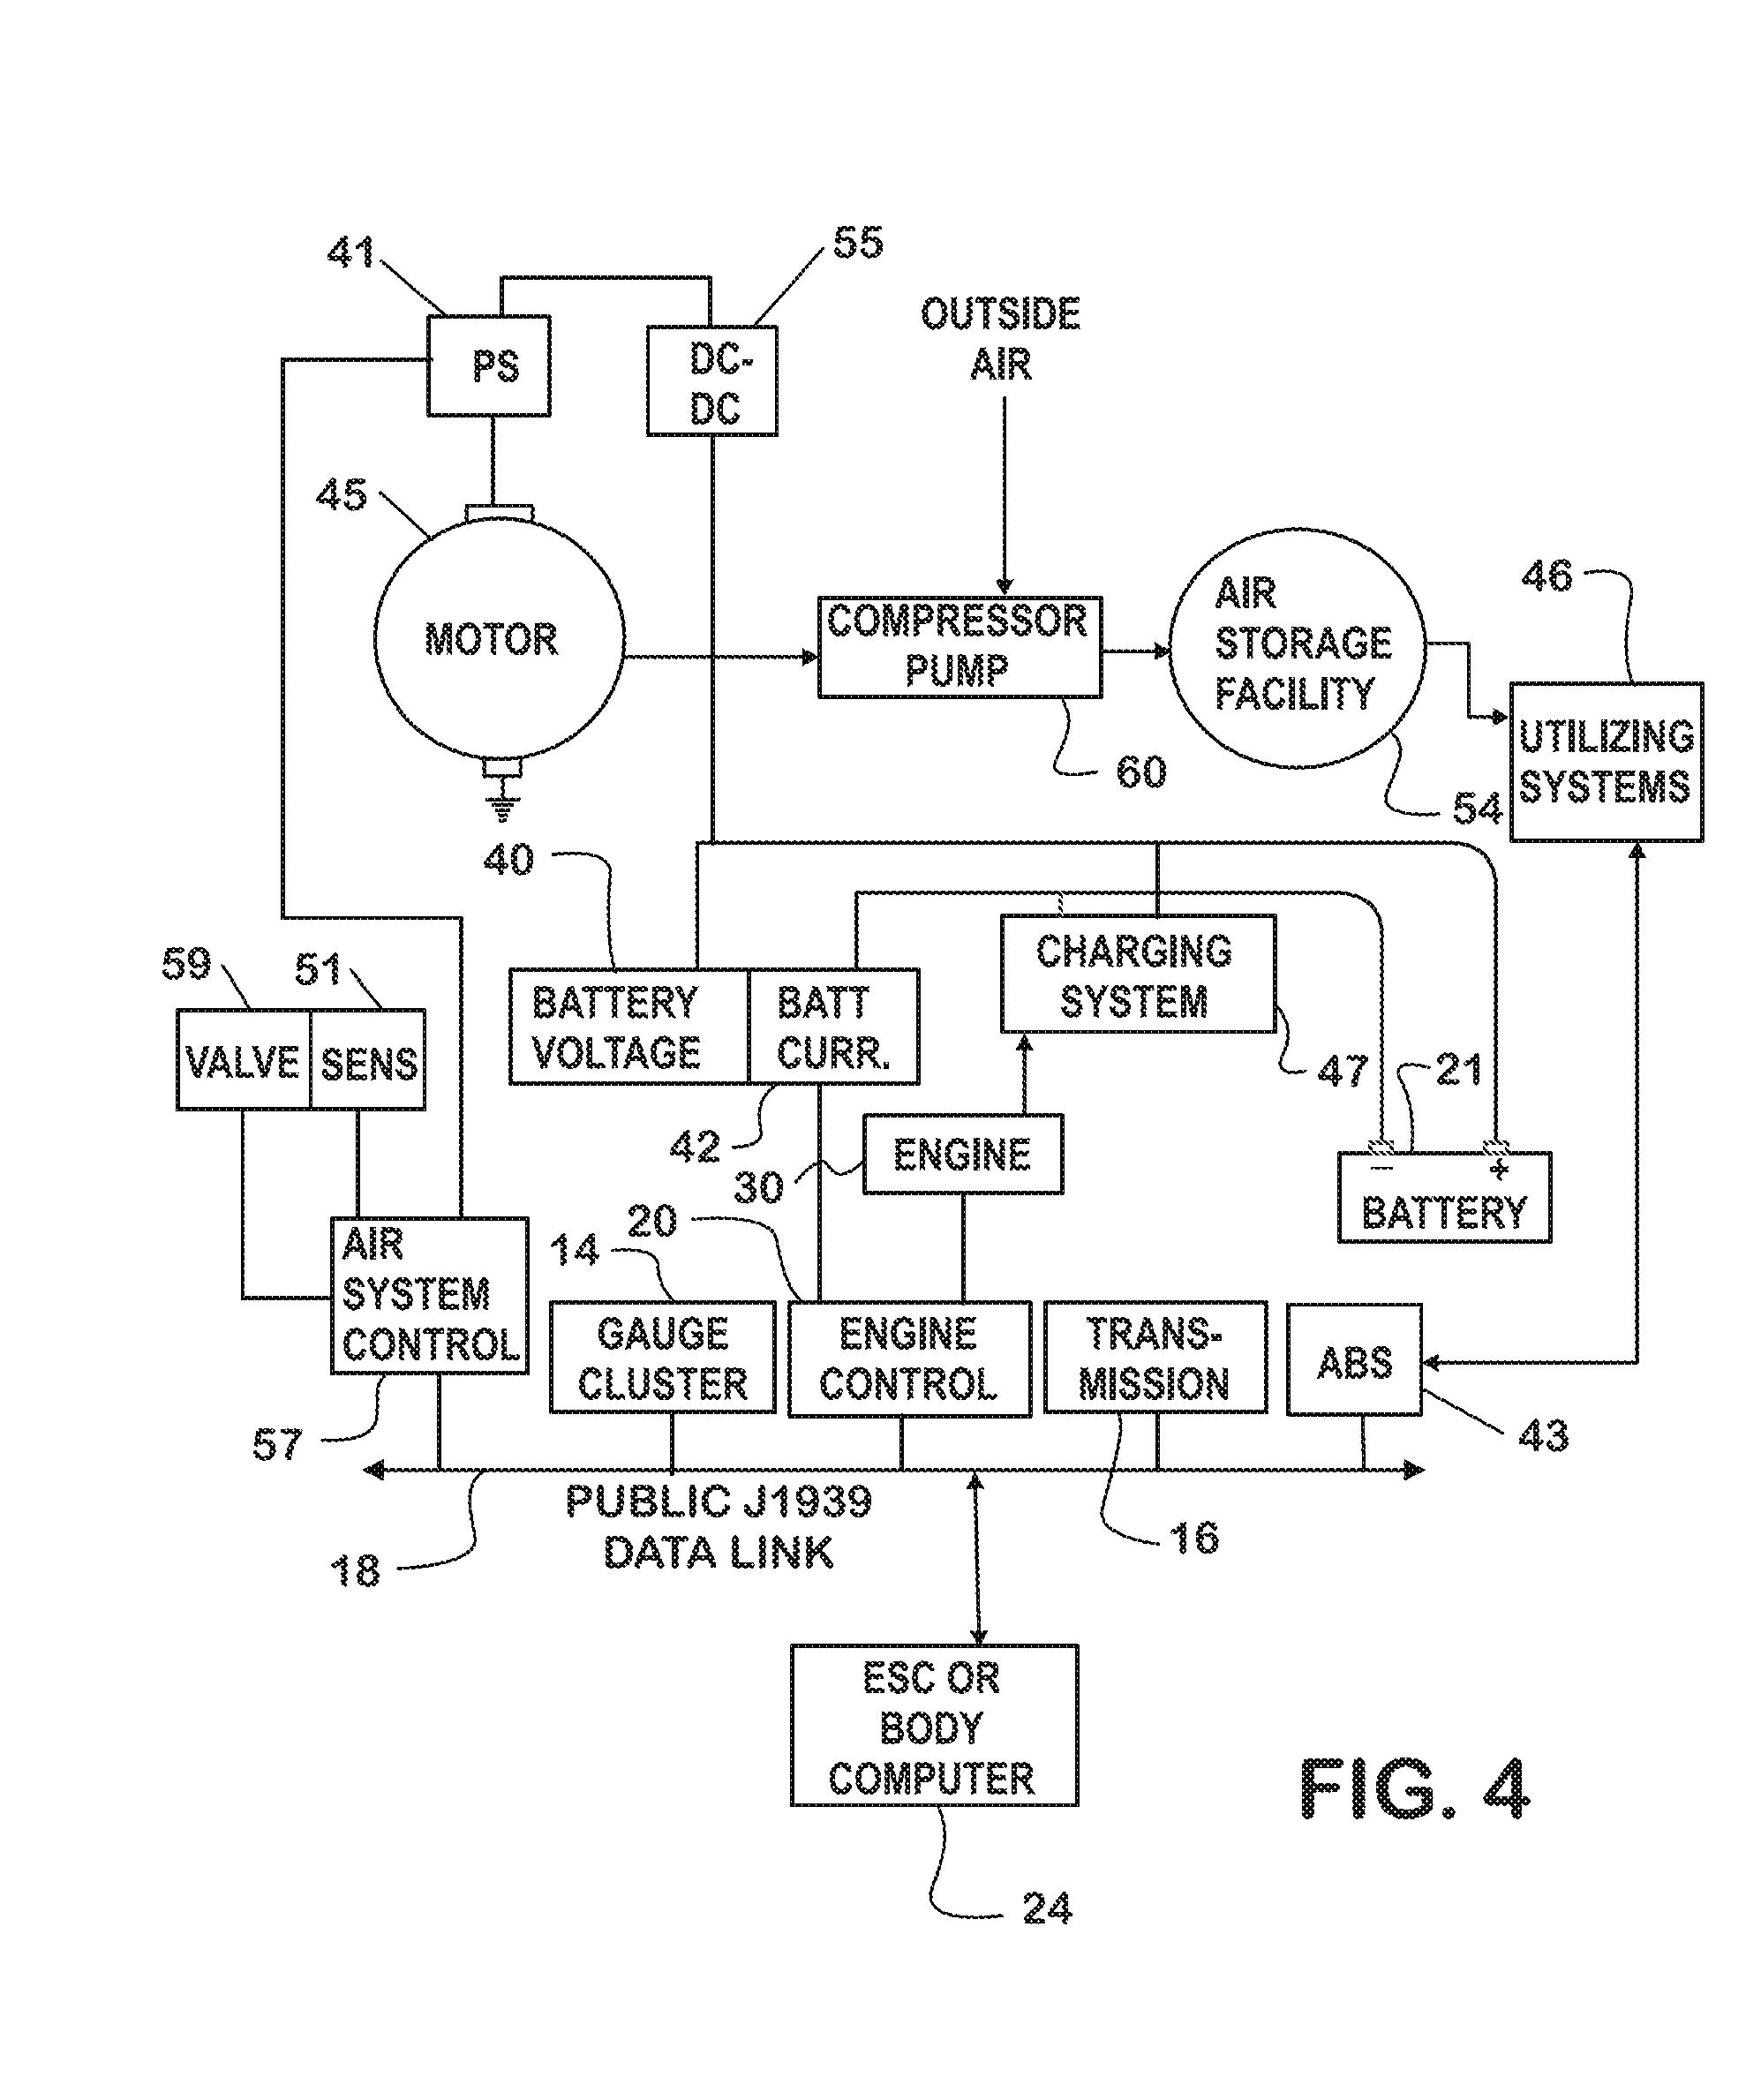 Wabco Compressor Wiring Diagram - Wiring Diagrams